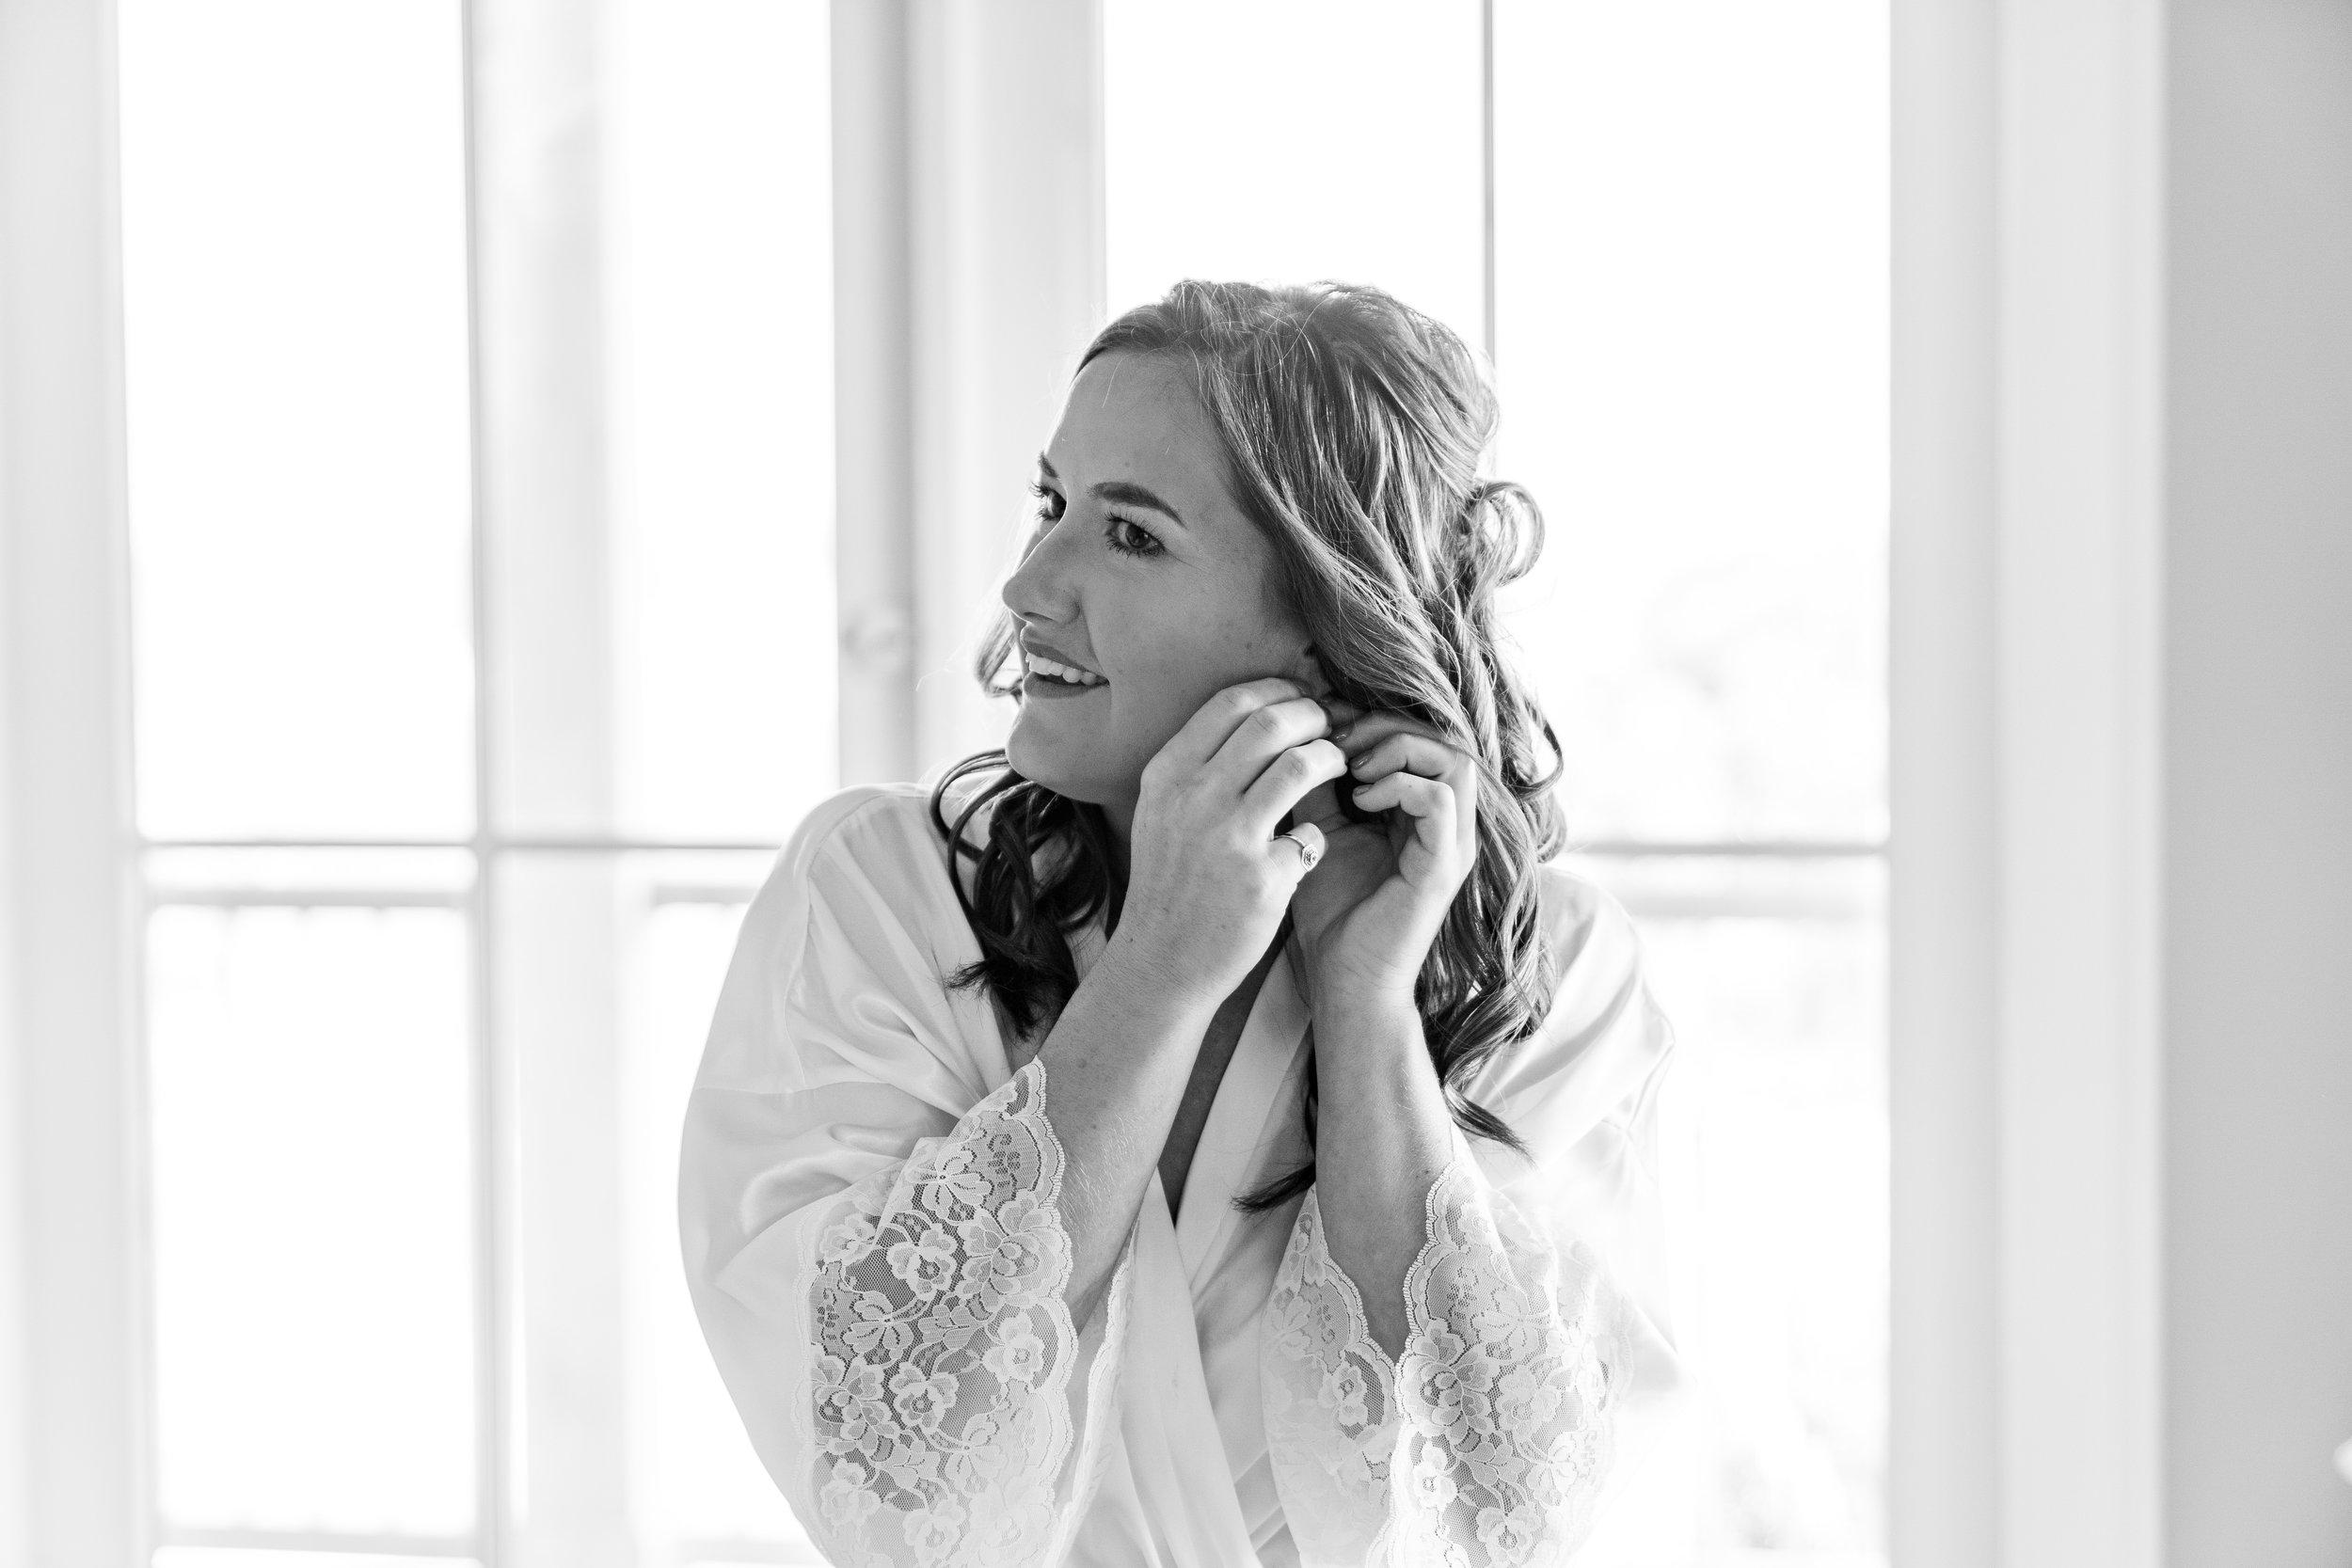 bride-getting-ready-candid.jpg